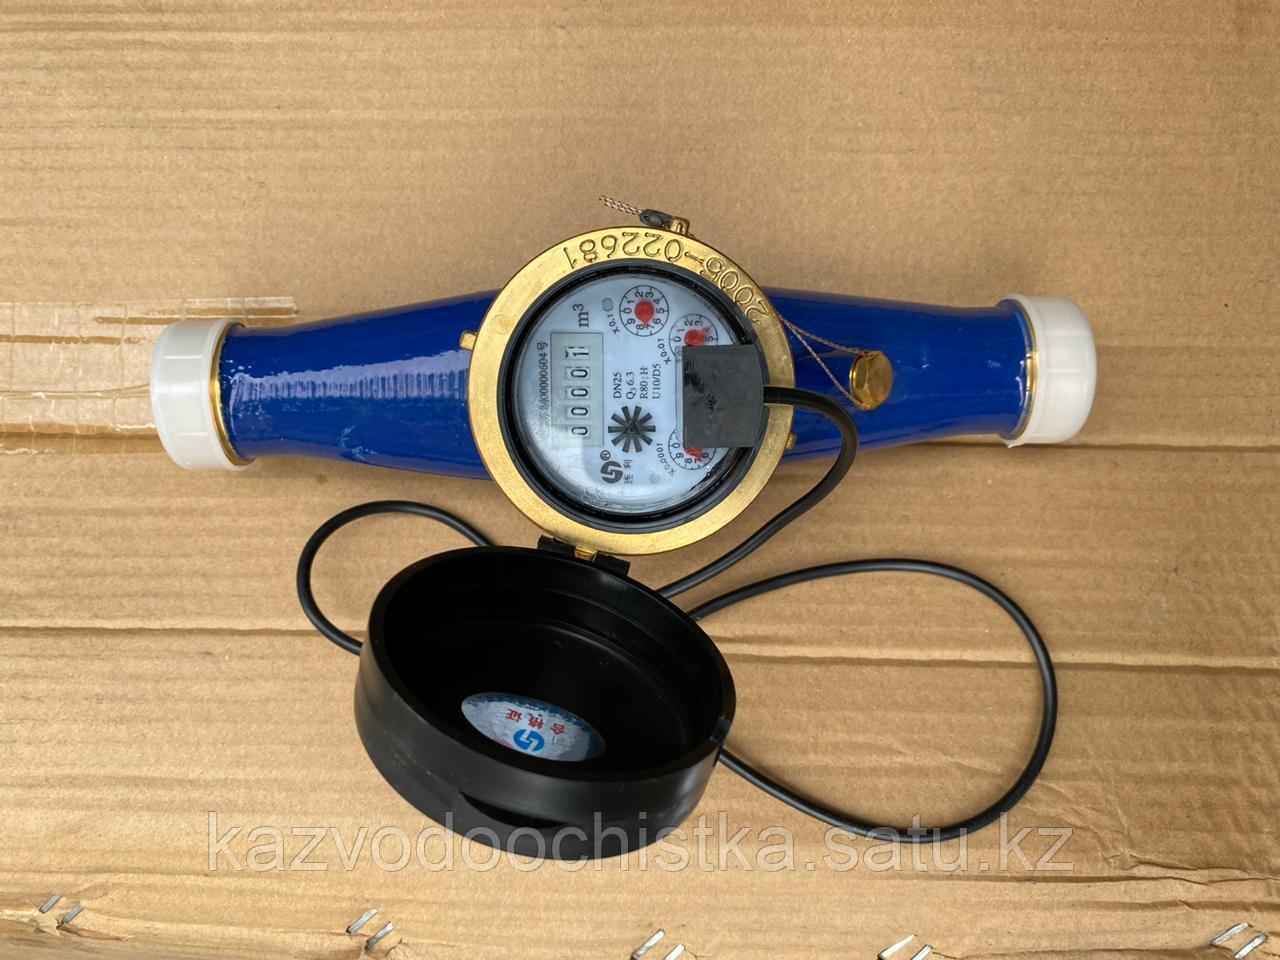 Счетчик с импульсиным расходомером 40 мм (1 1/2 дюйма) с пульсатором